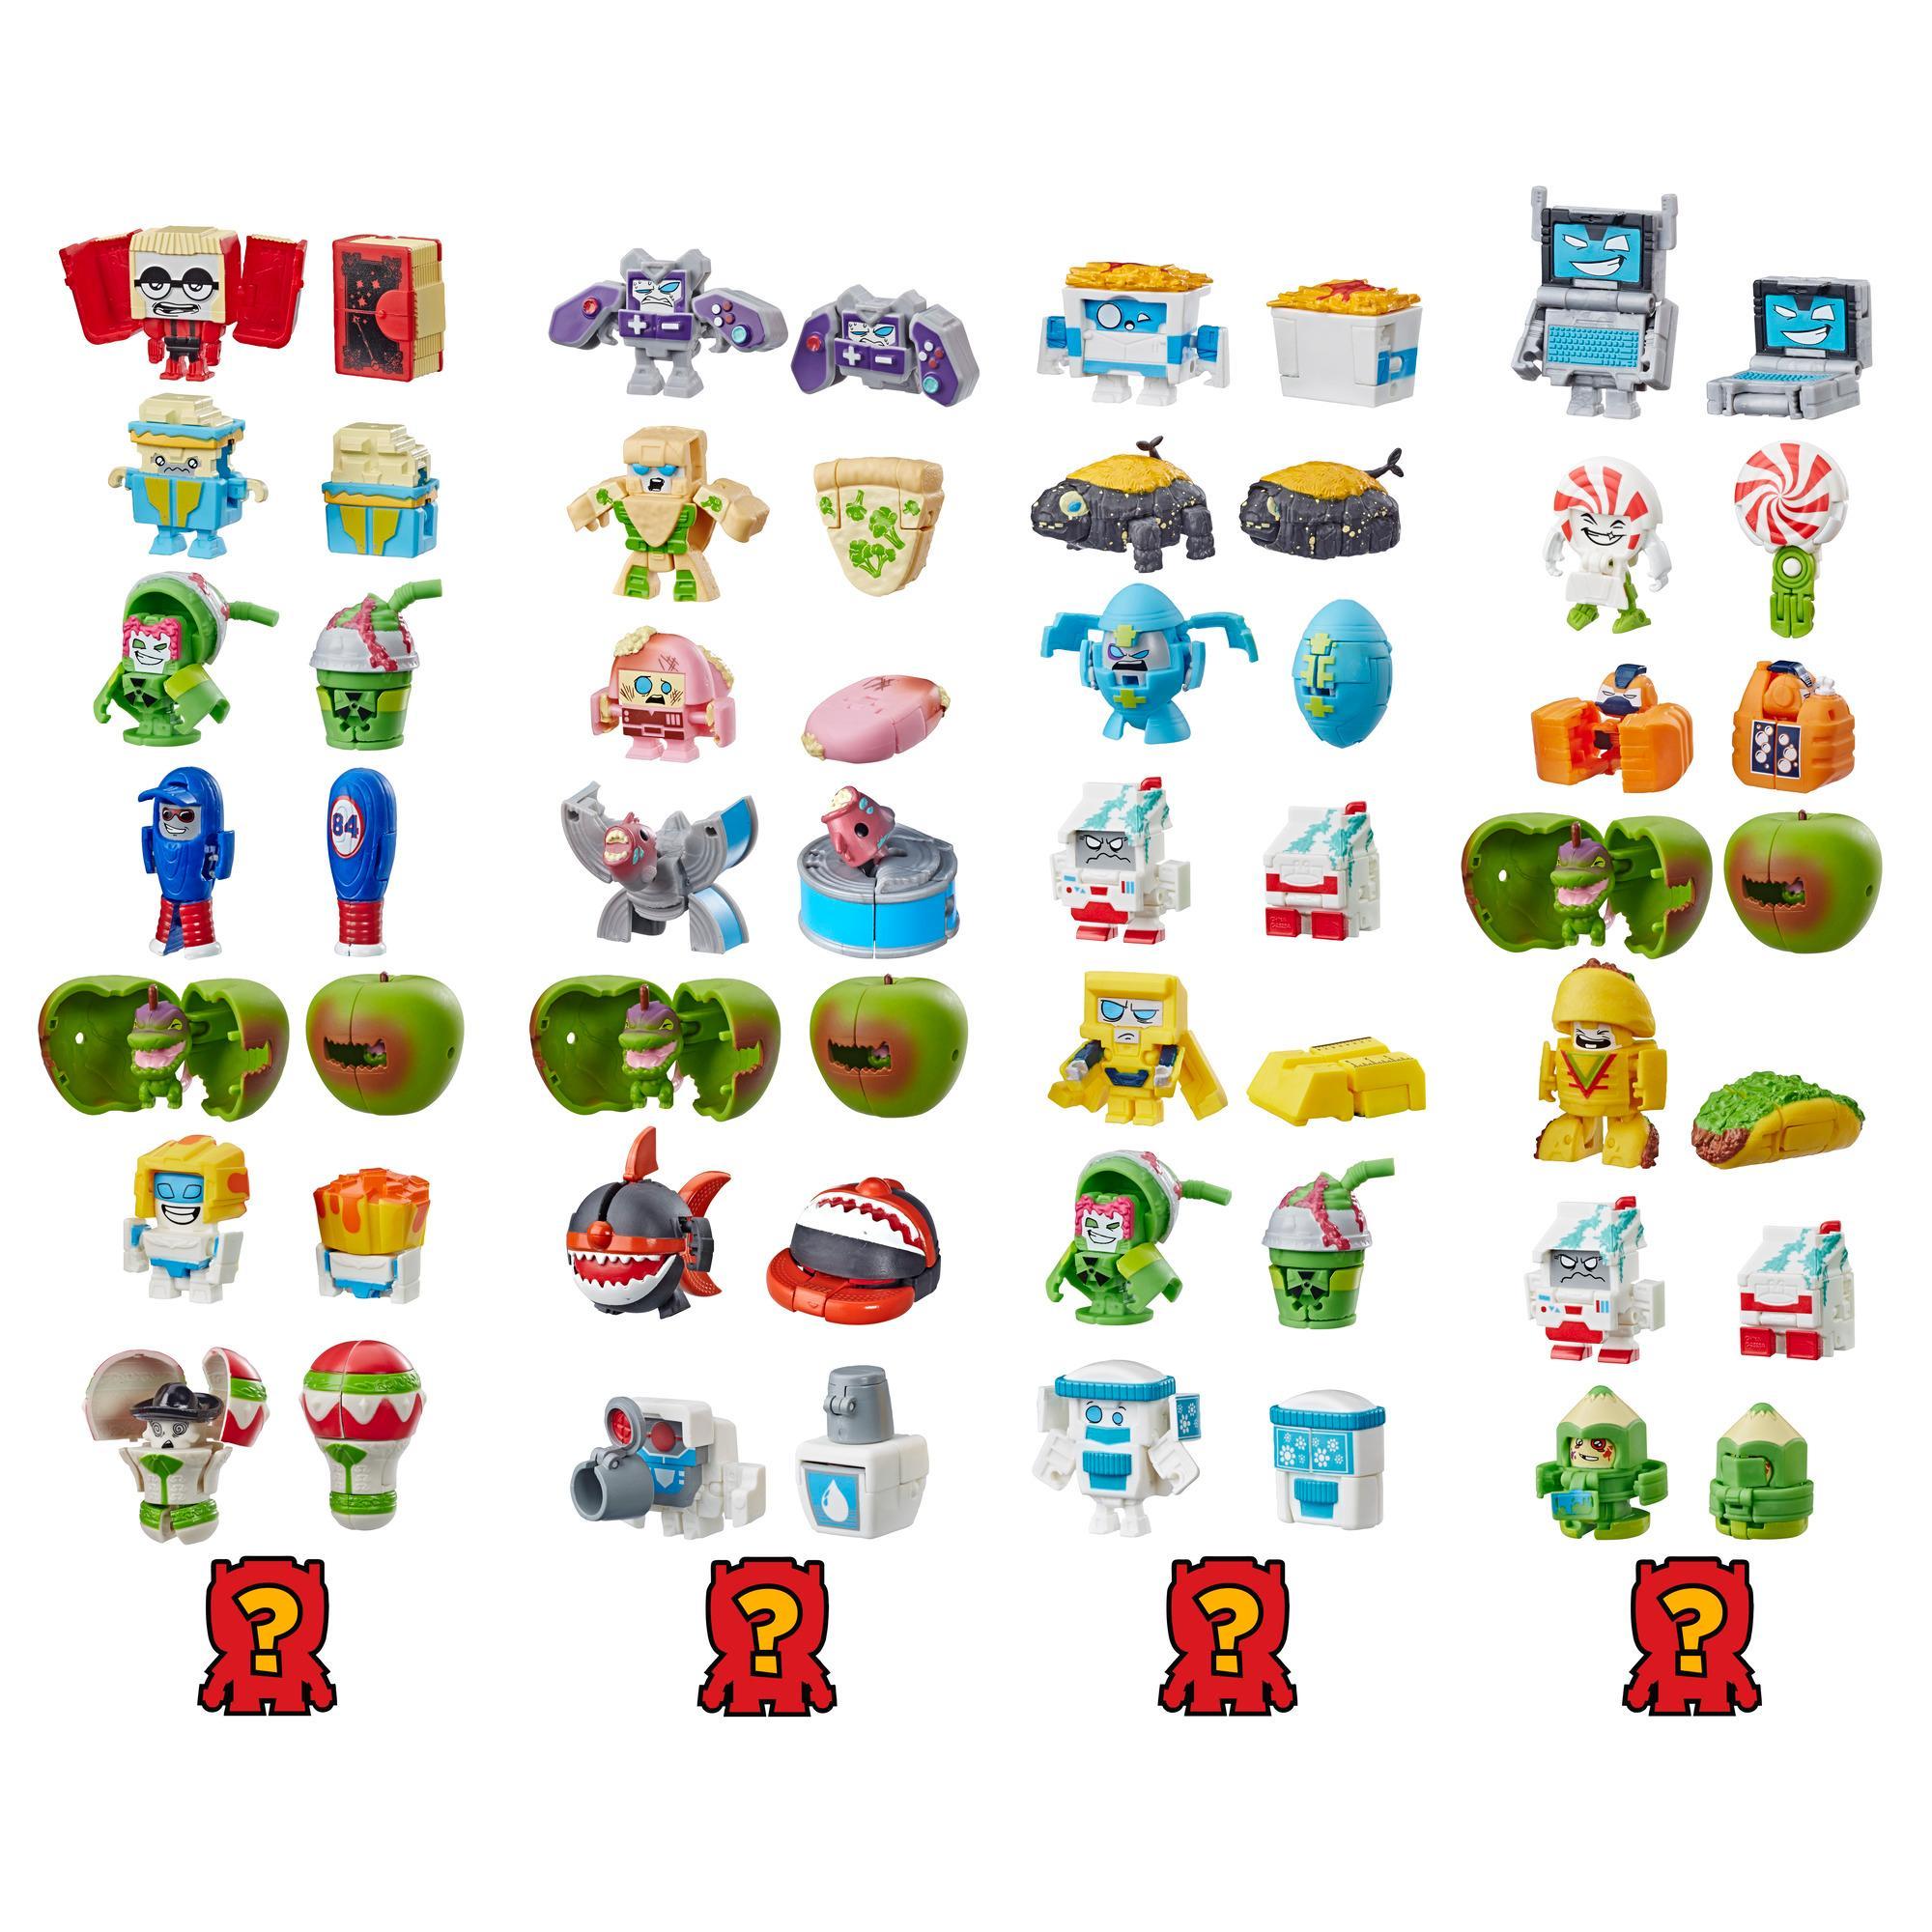 Transformers Toys BotBots Serie 2 - Empaque de 8 figuras Spoiled Rottens - ¡Figuras coleccionables! Para niños de 5 años en adelante (los estilos y colores pueden variar) de Hasbro.